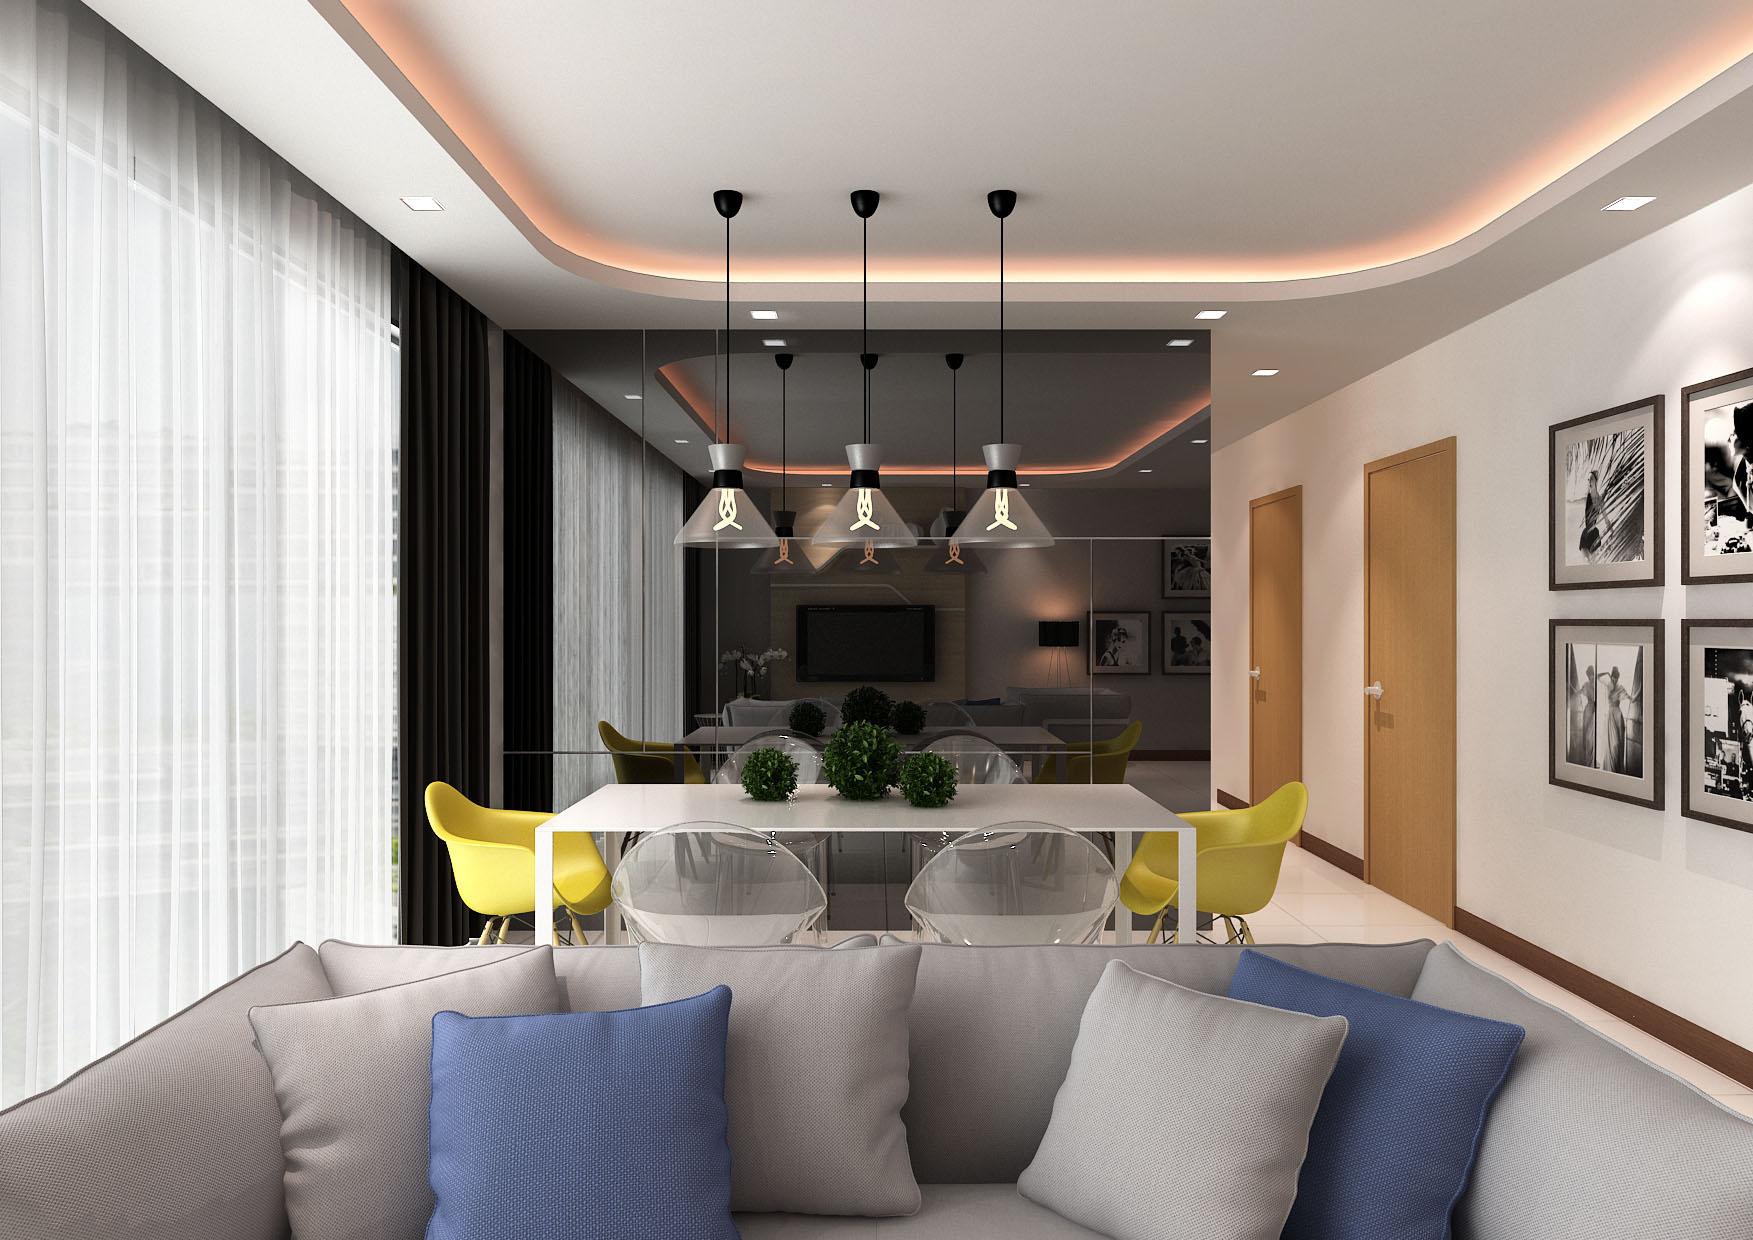 100 interior designer singapore hdb interior design for Top 100 interior design firms in singapore